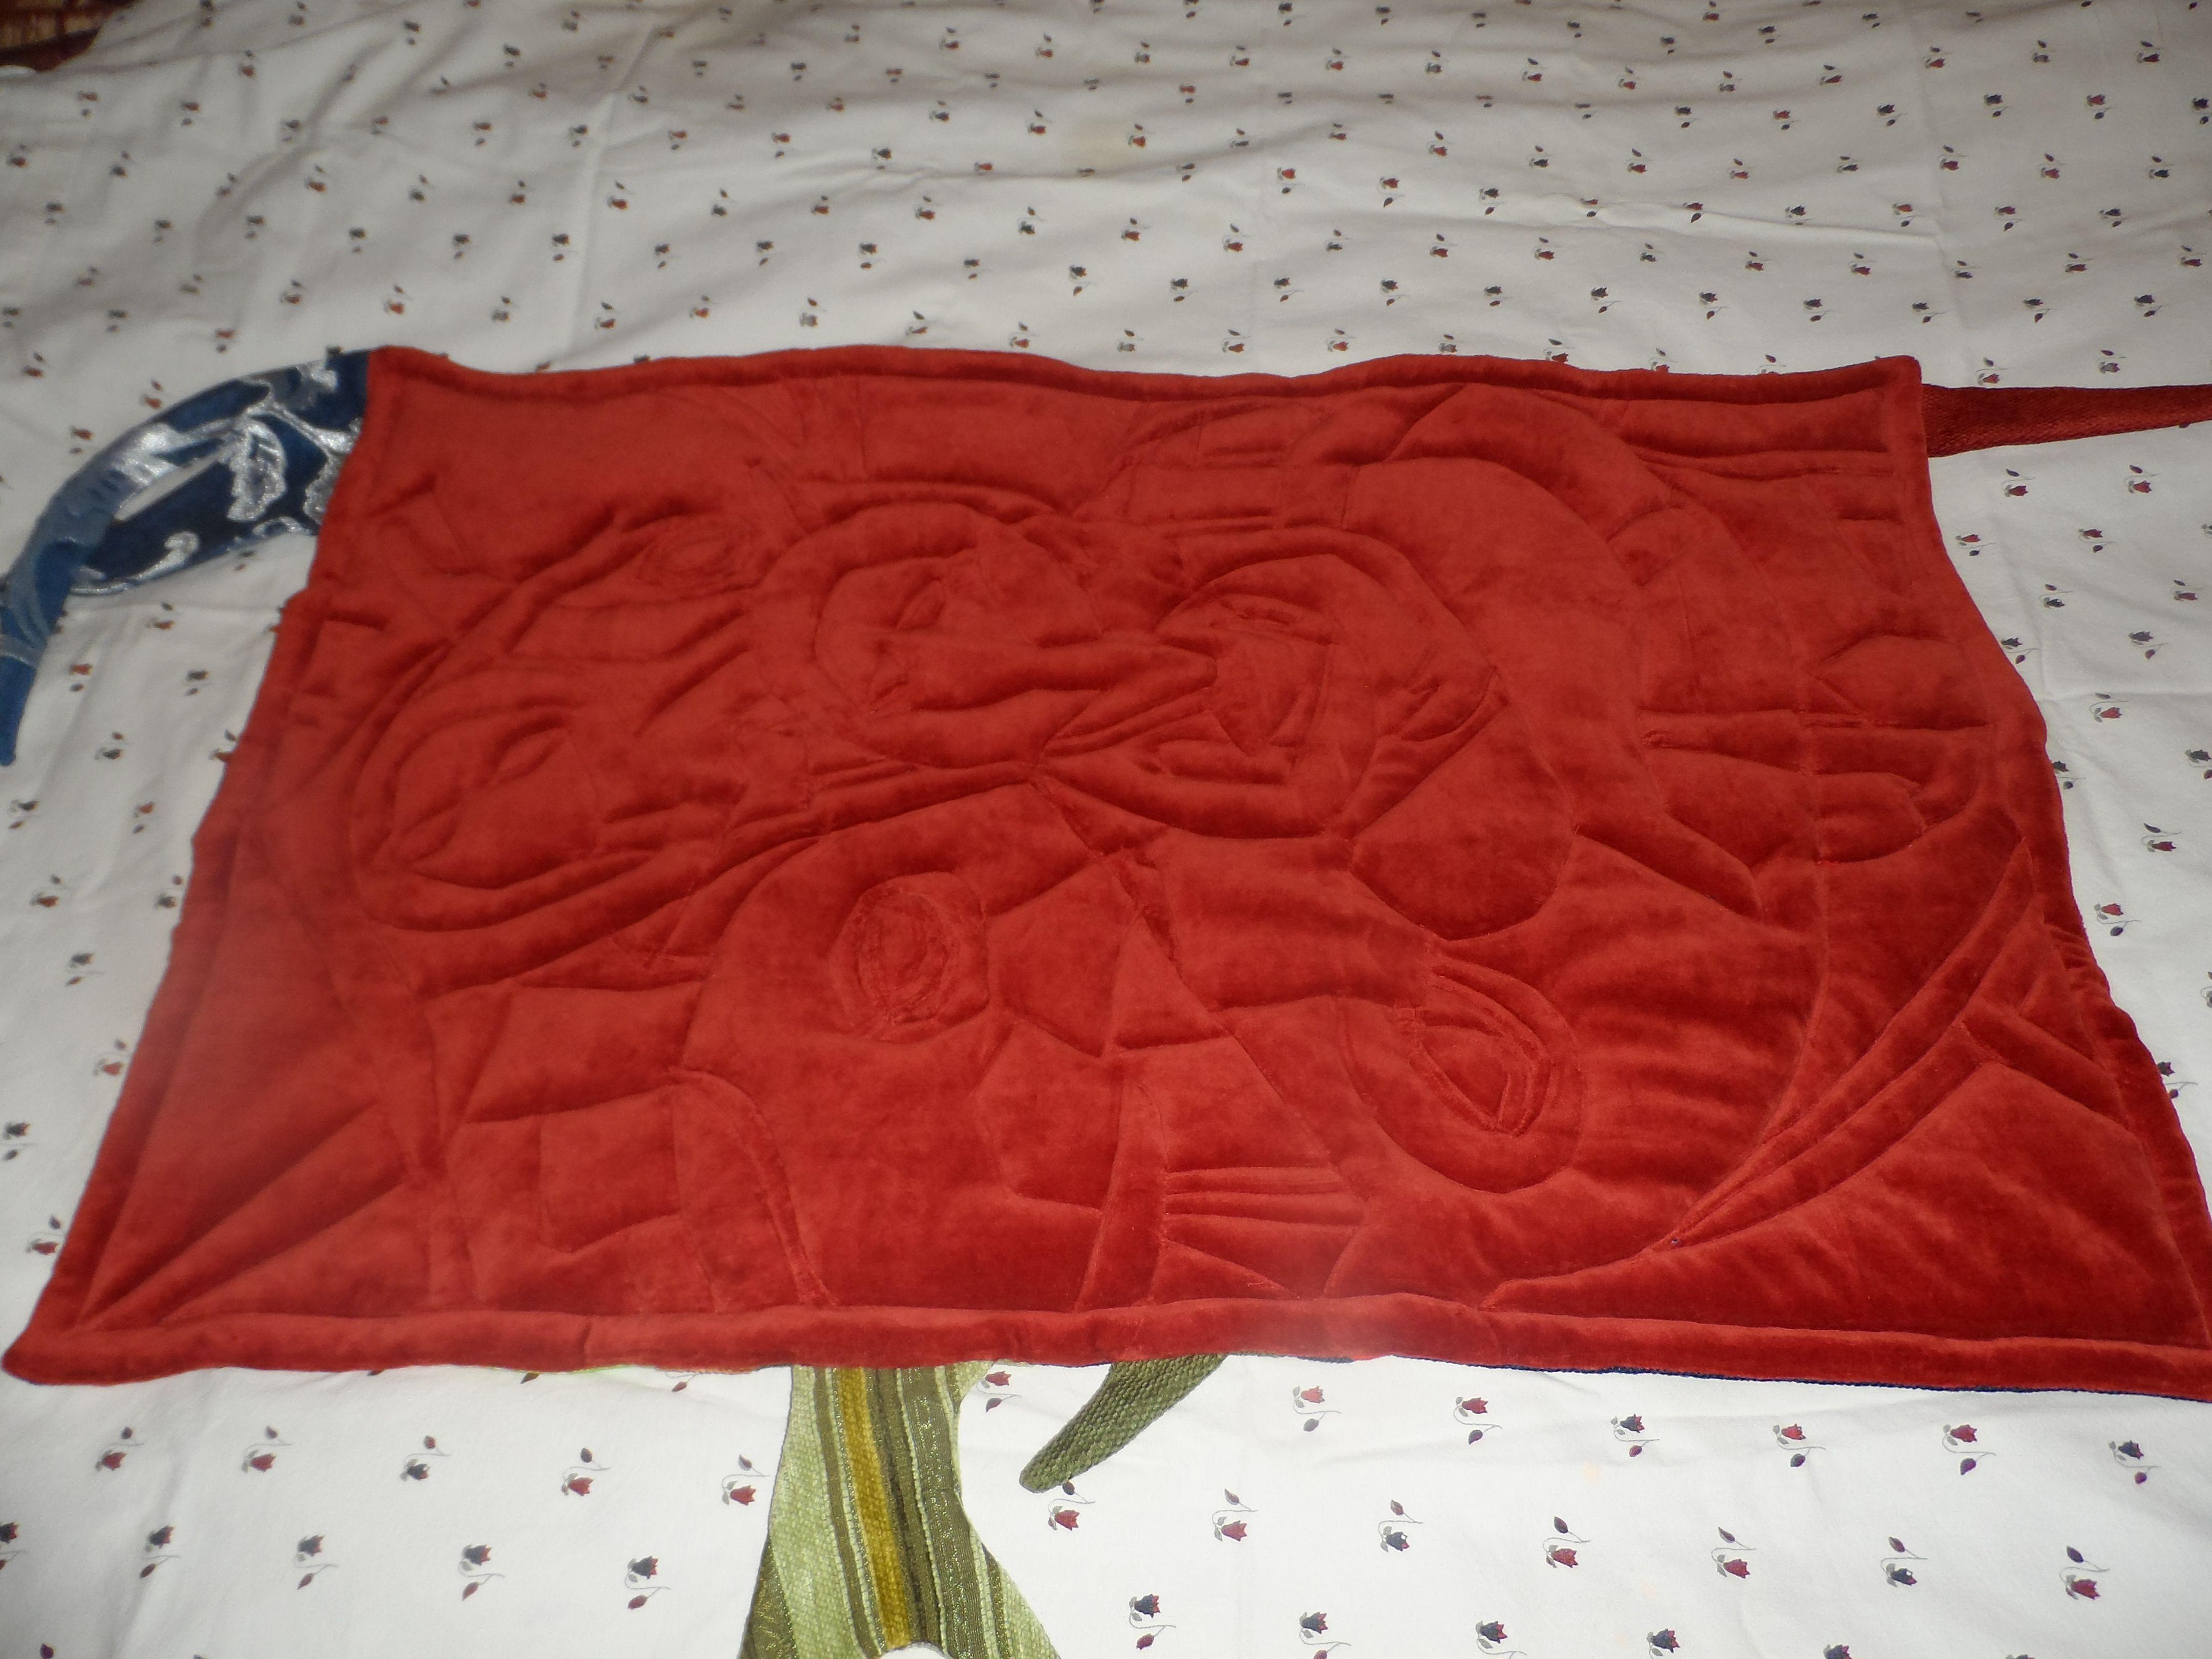 подарок изделие одеялко аппликация печворк для малыша детей ткани